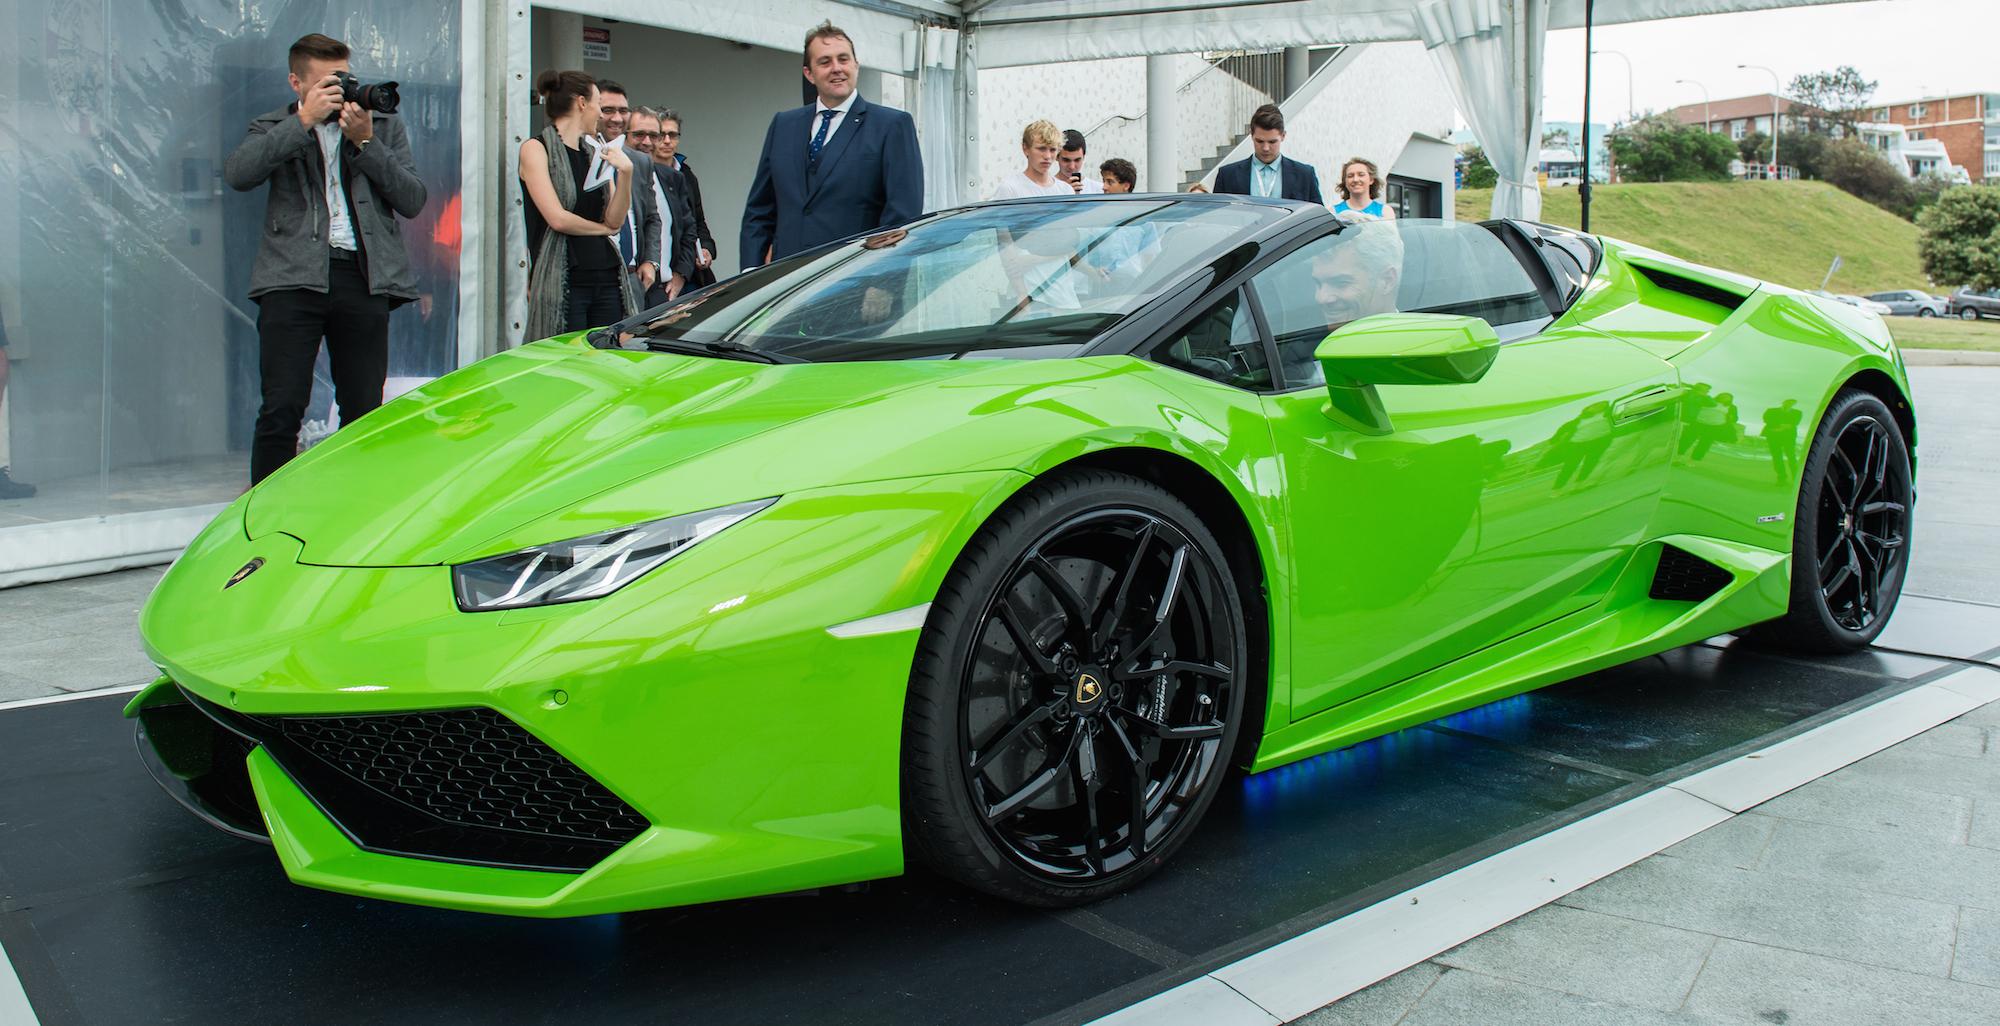 Lamborghini Huracan Lp610 4 Spyder Debuts In Australia